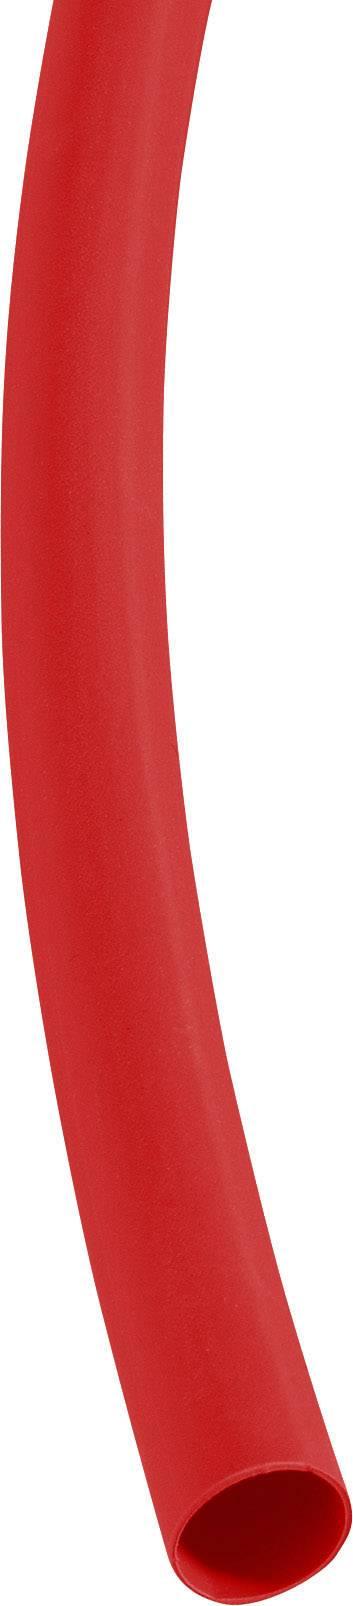 Zmršťovacia bužírka 3/1 mm, červená